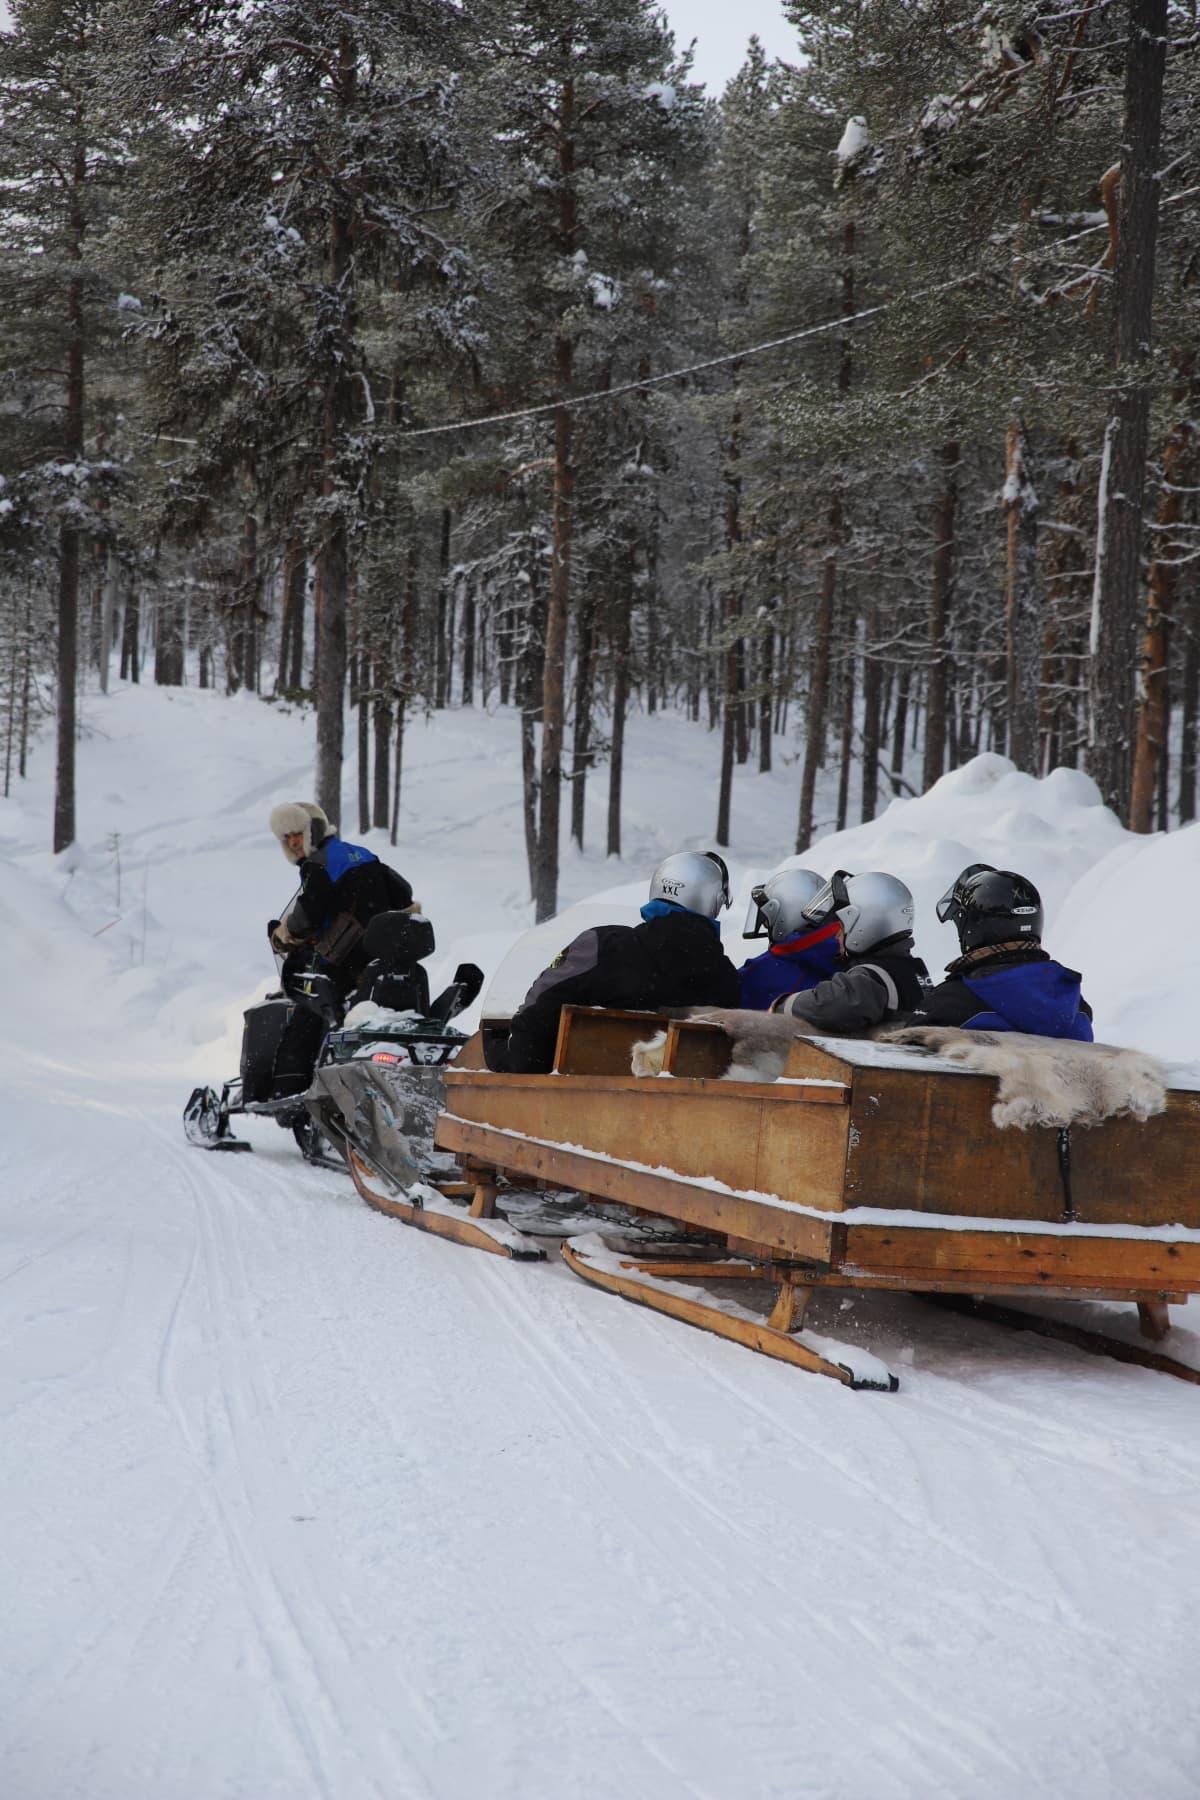 Presidentti Sauli Niinistö lähdössä tunturimatkalle Lemmenjoen kansallispuistoon.